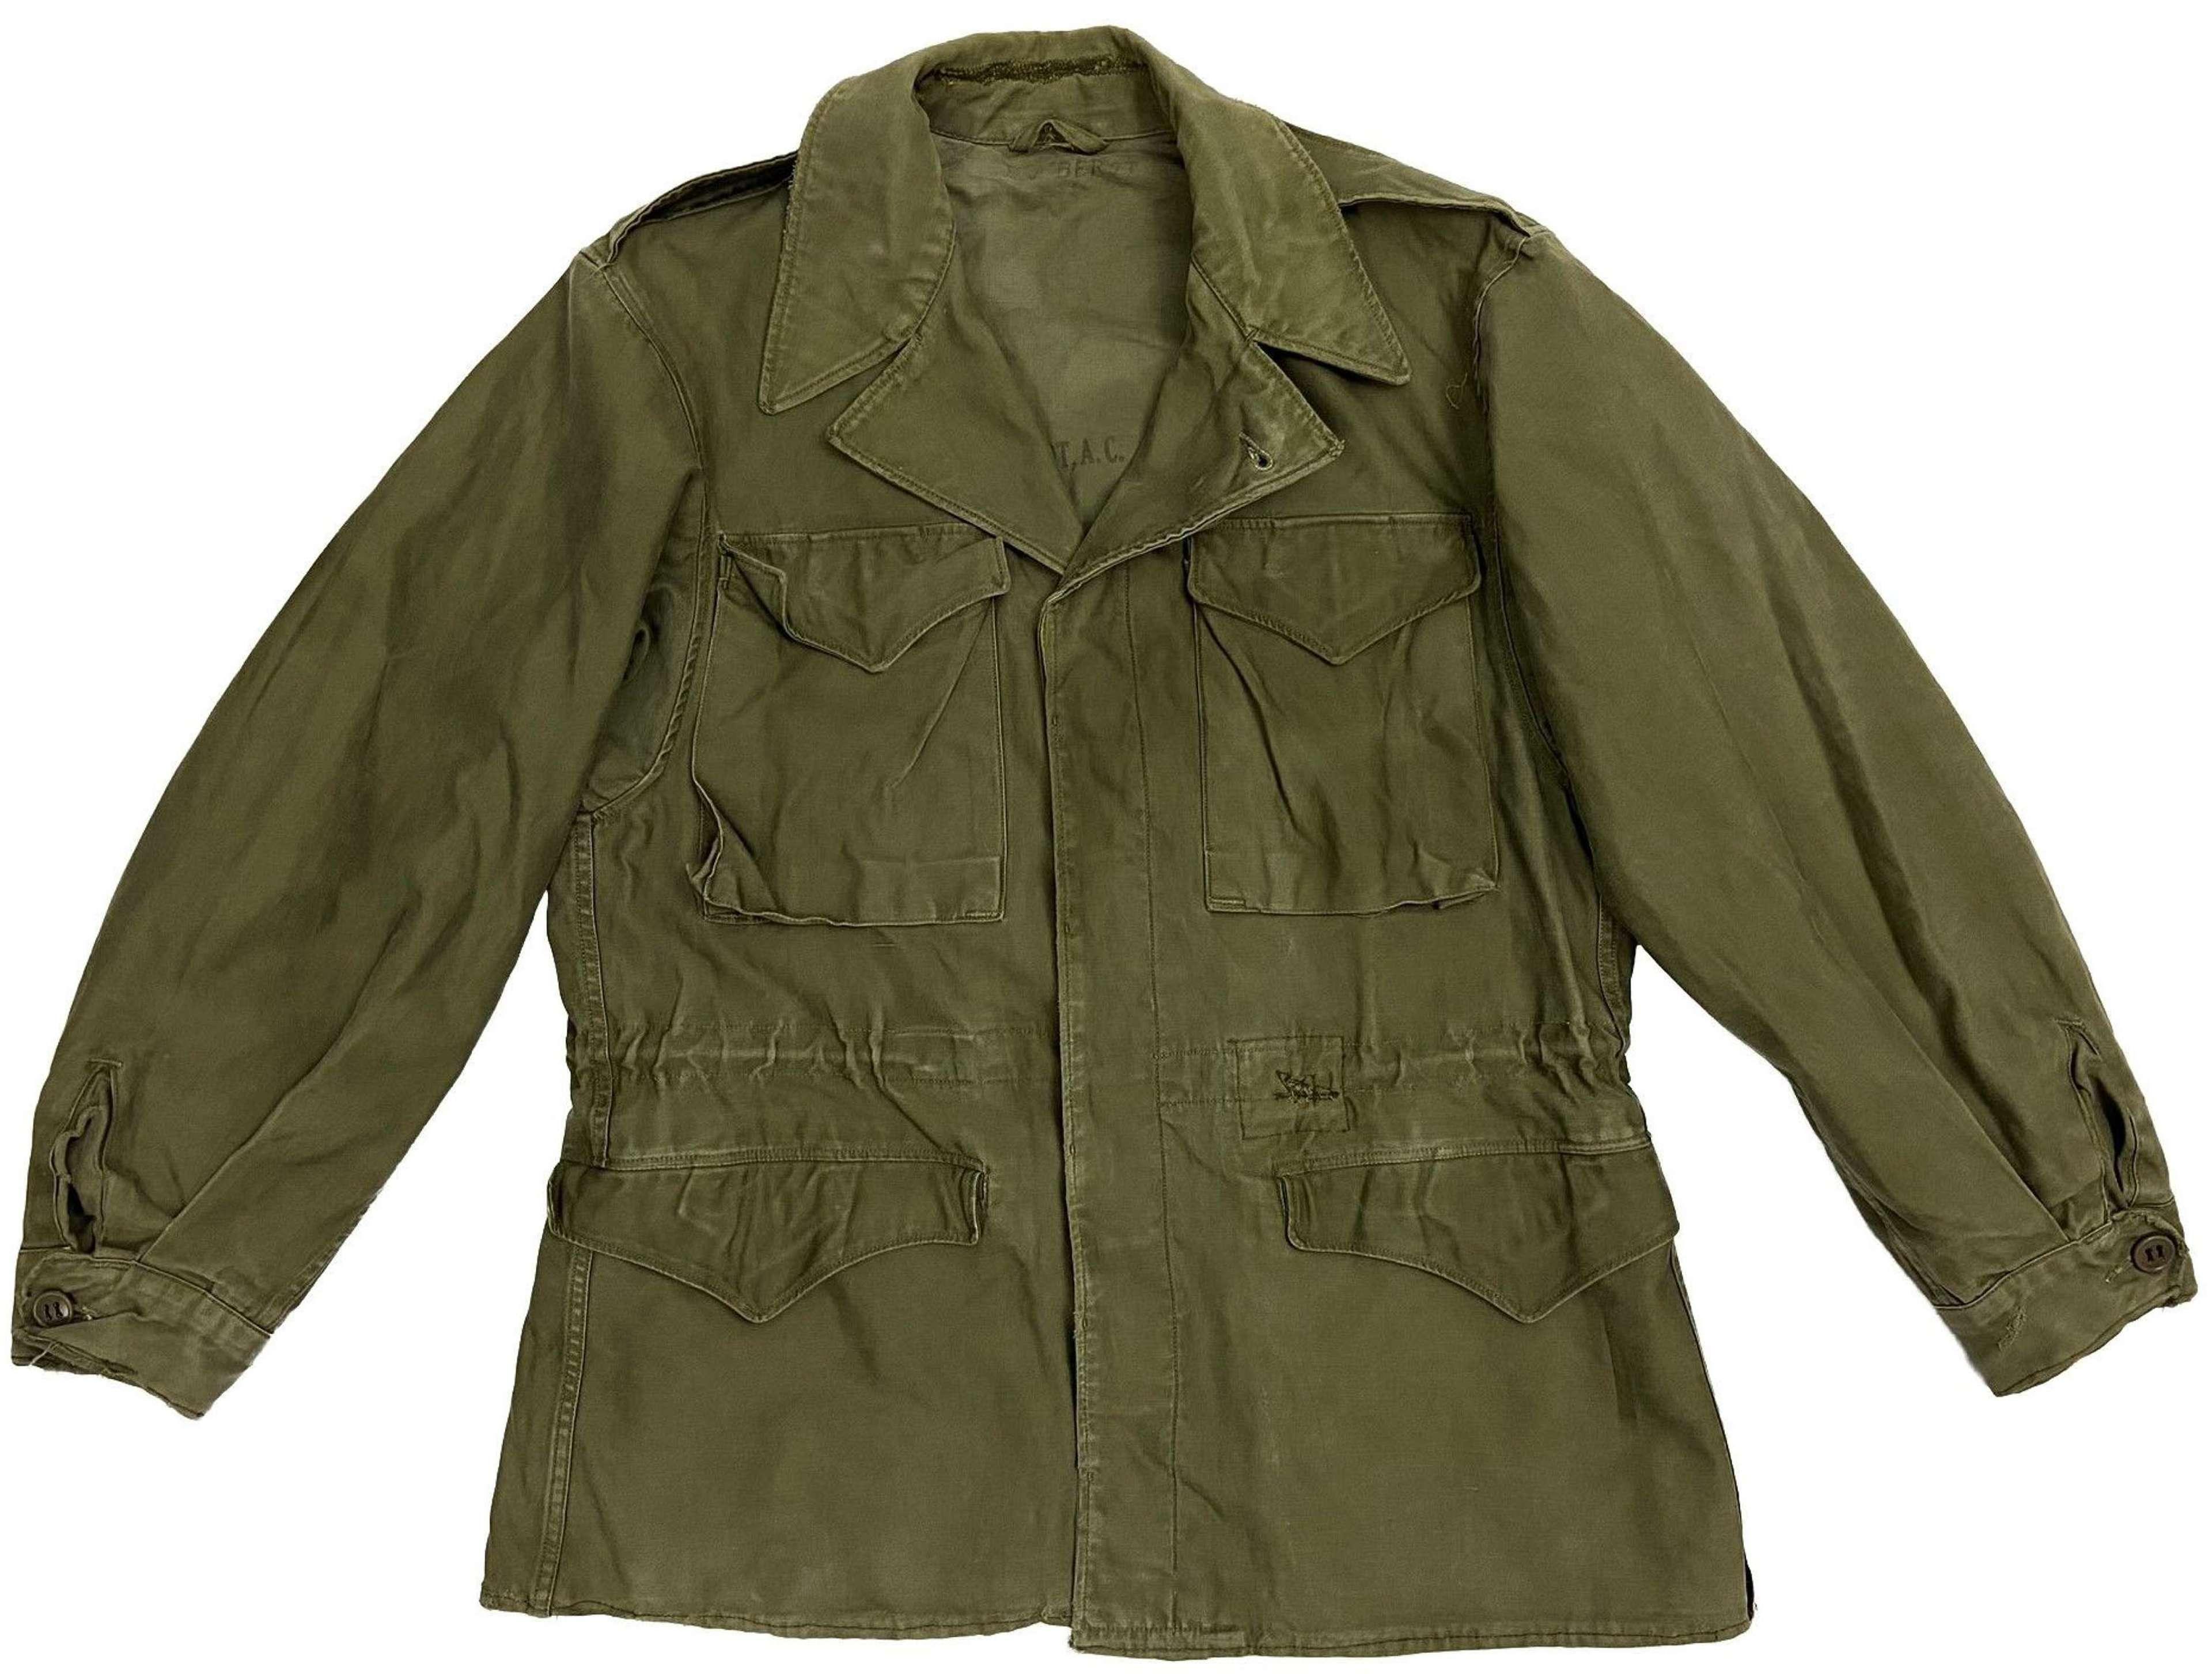 Original WW2 US Army M1943 Combat Jacket - Size 36